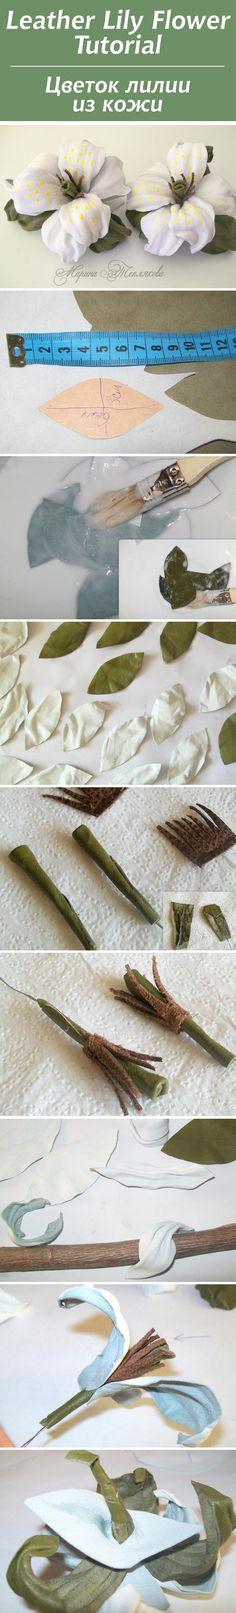 Как сделать красивые цветы лилий из кожи / Leather Lily Flower Tutorial #diy…